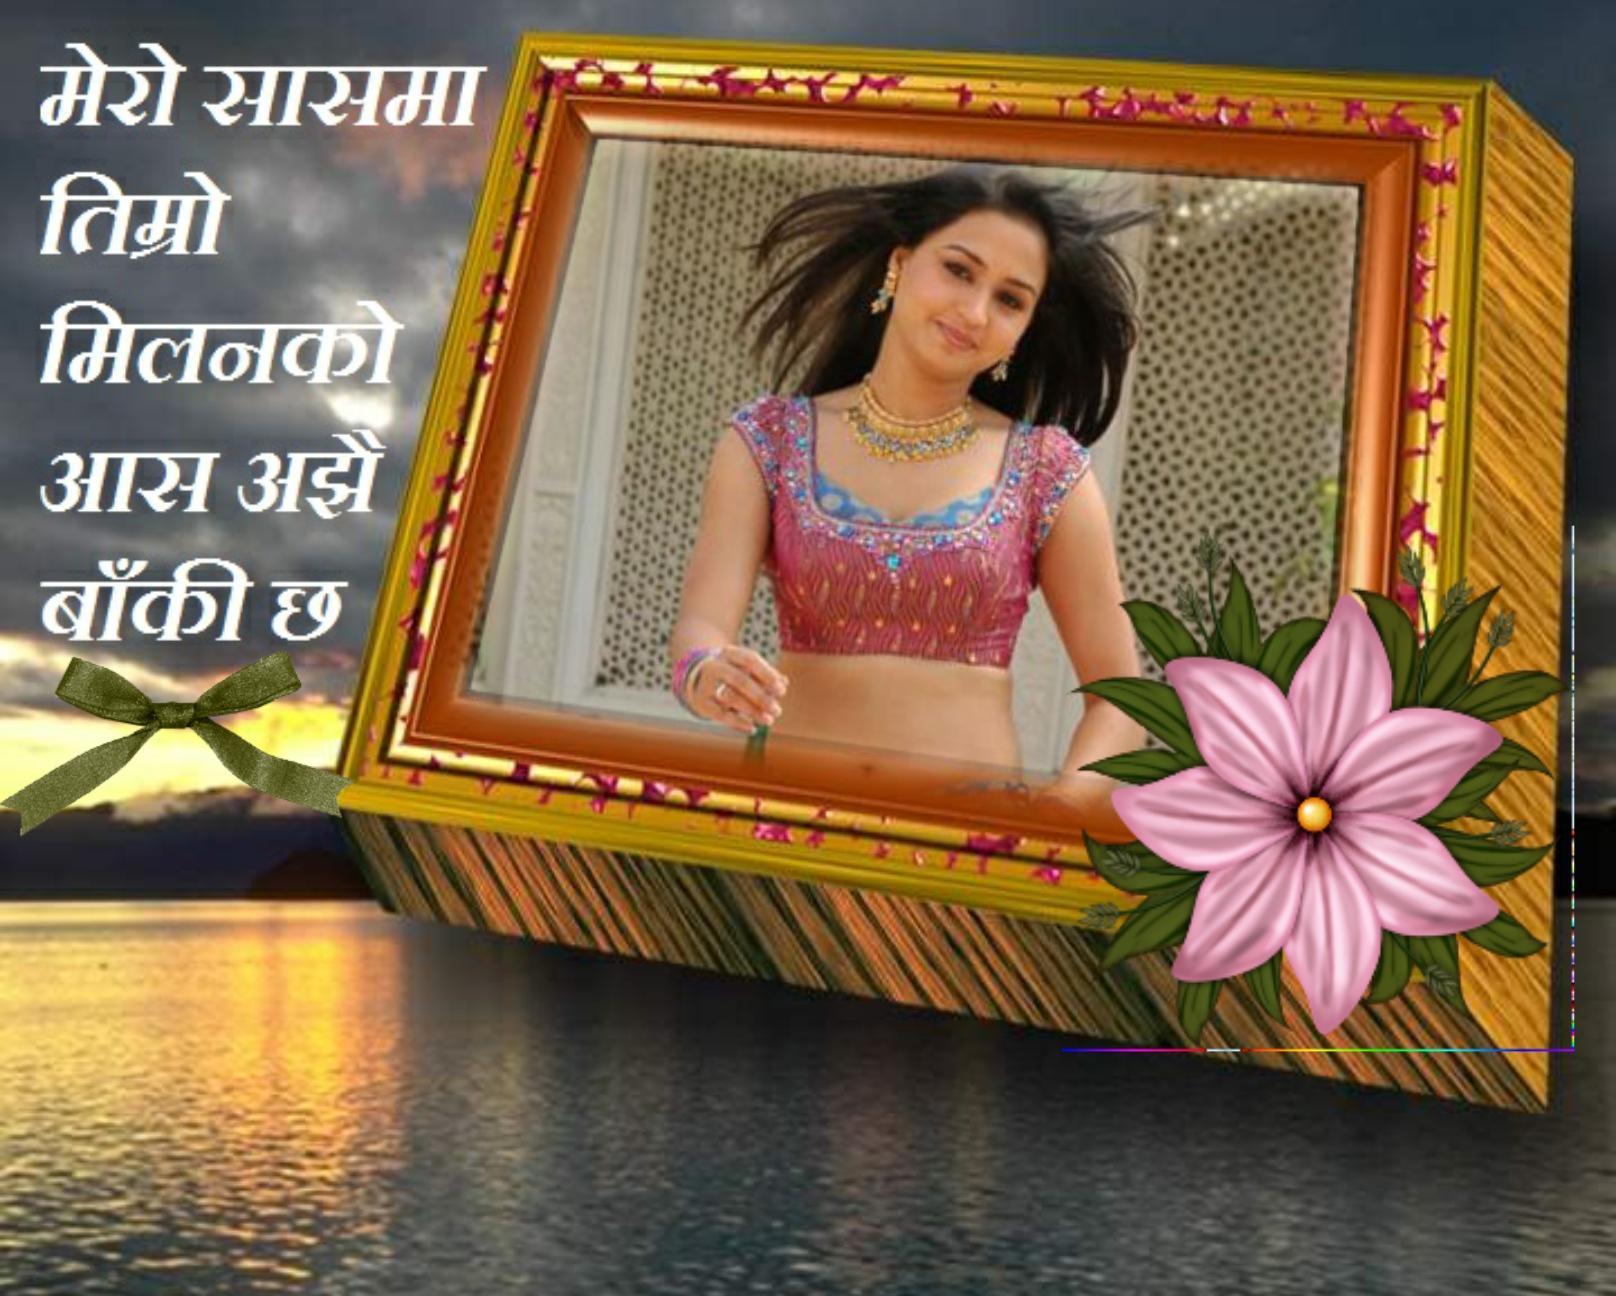 Imikimi Zo - I Love You Frames - love you (nepali) -prashna ...